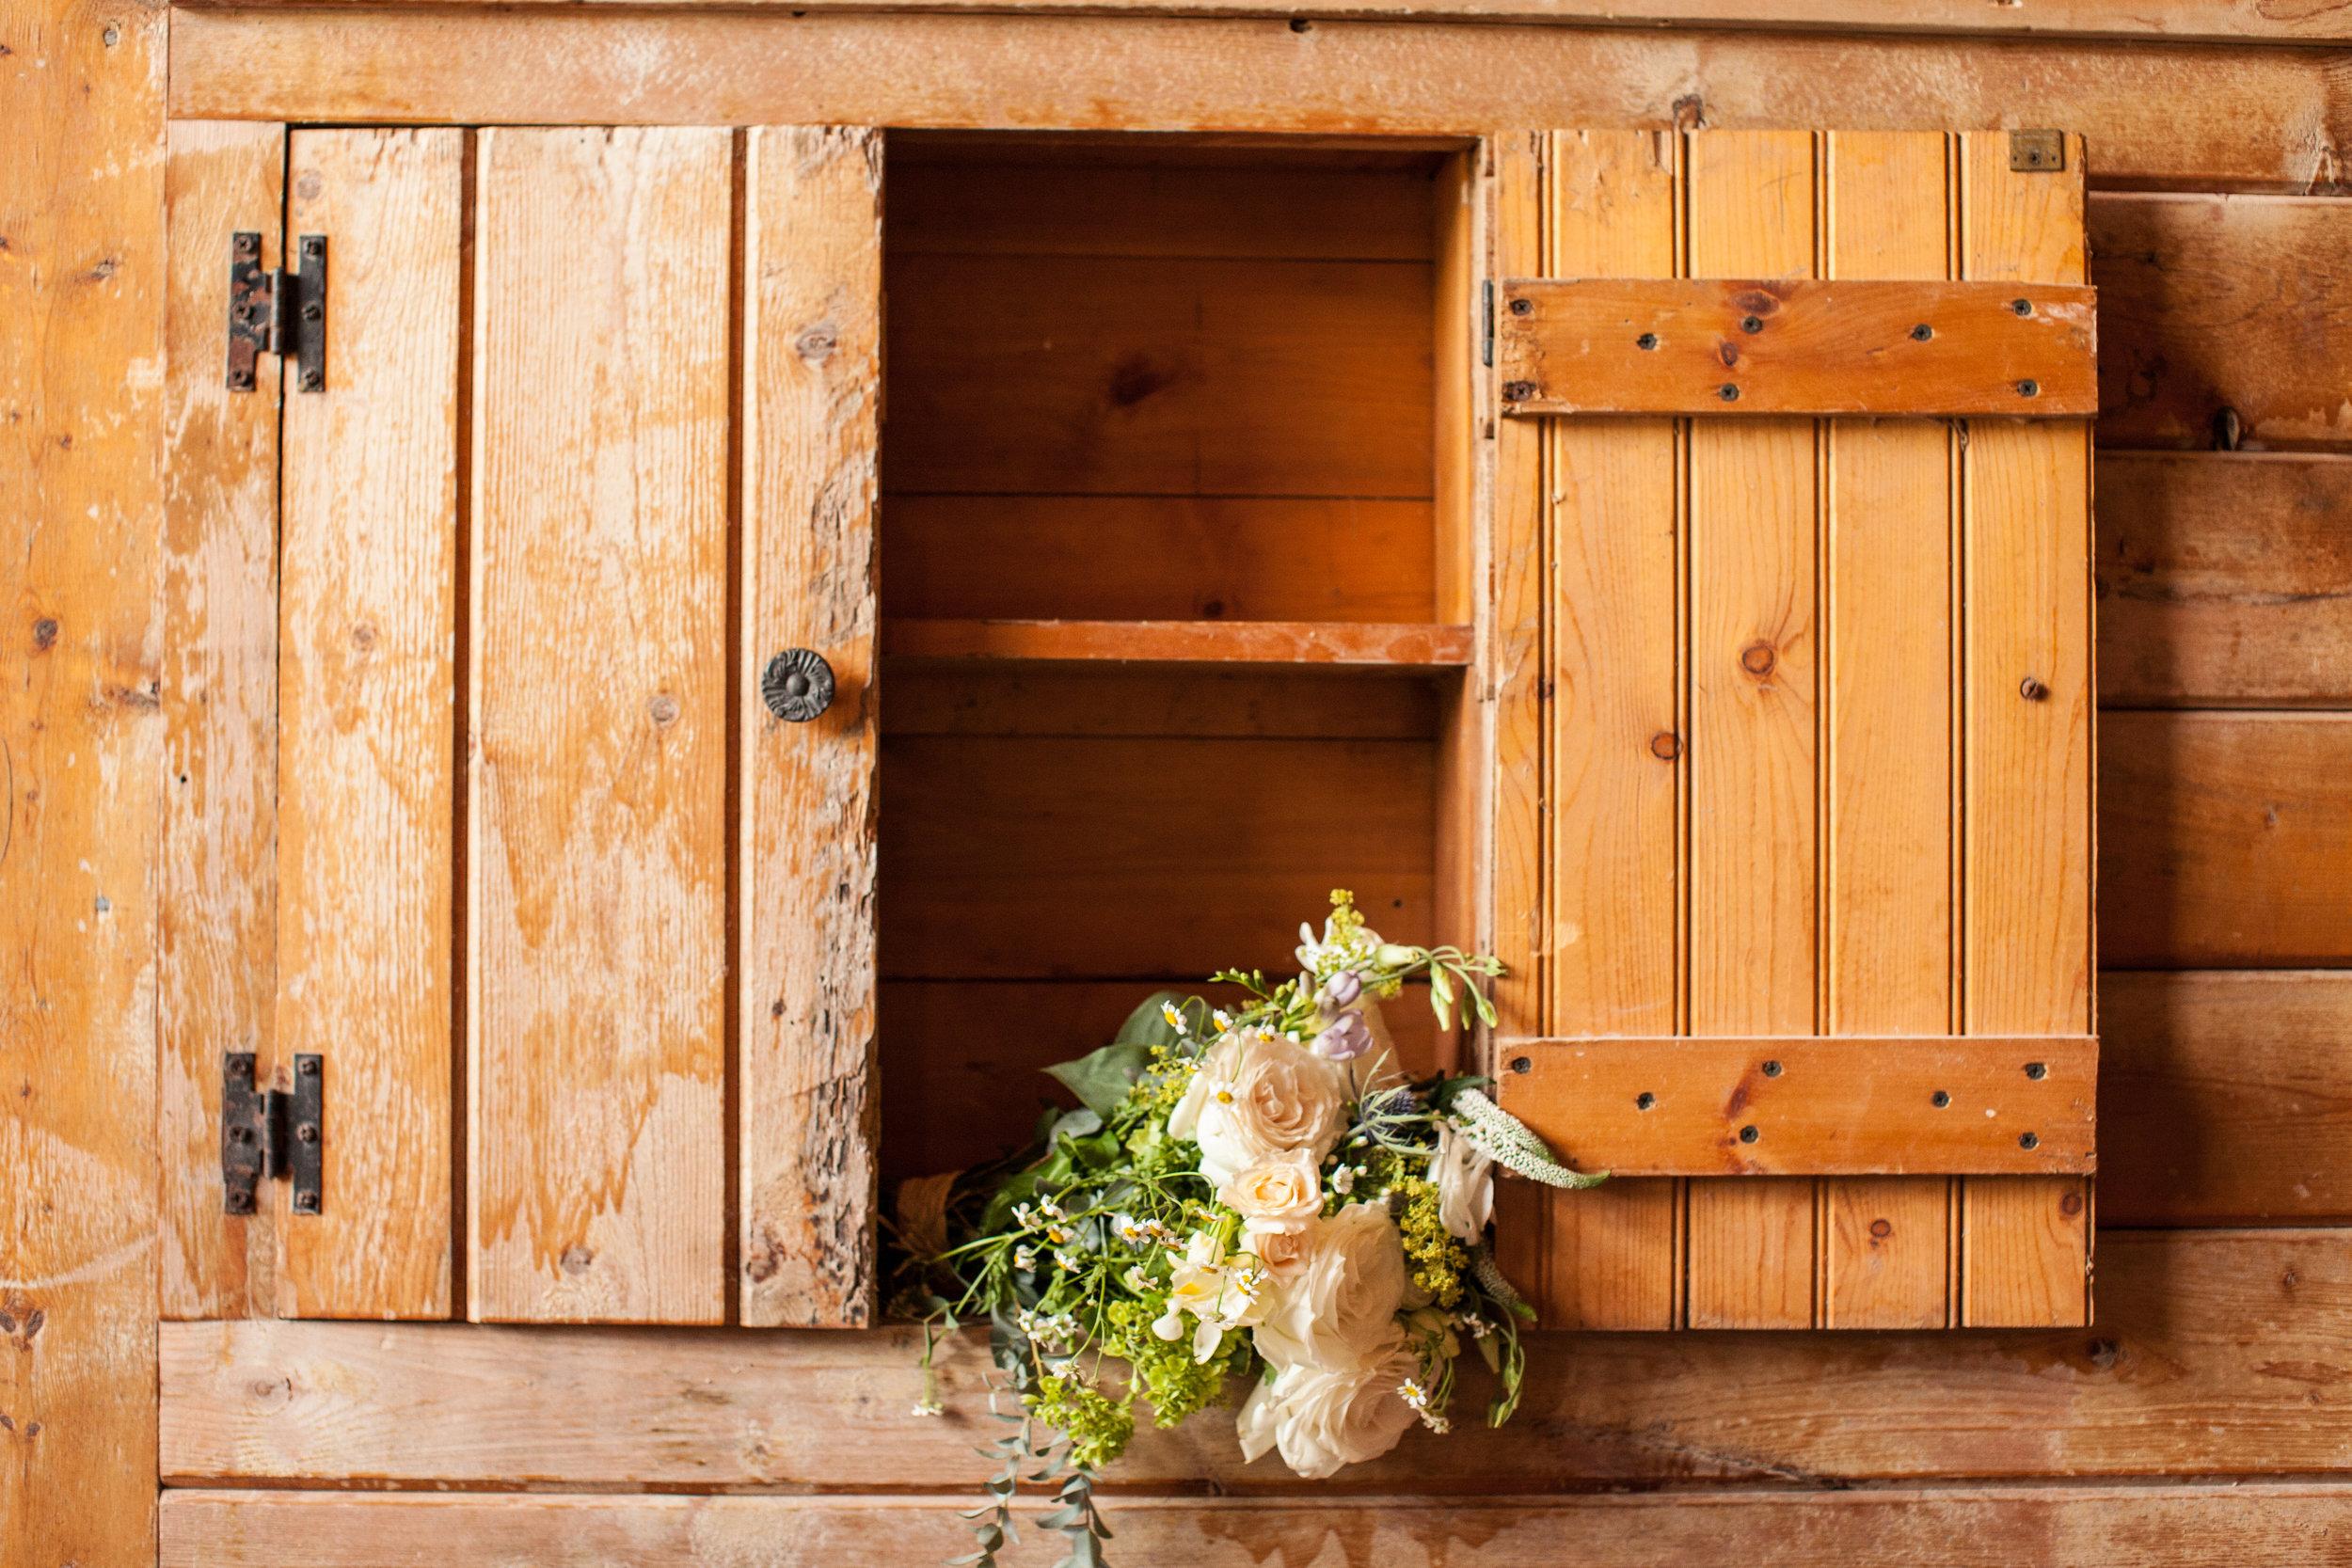 barn detail - little door.jpg